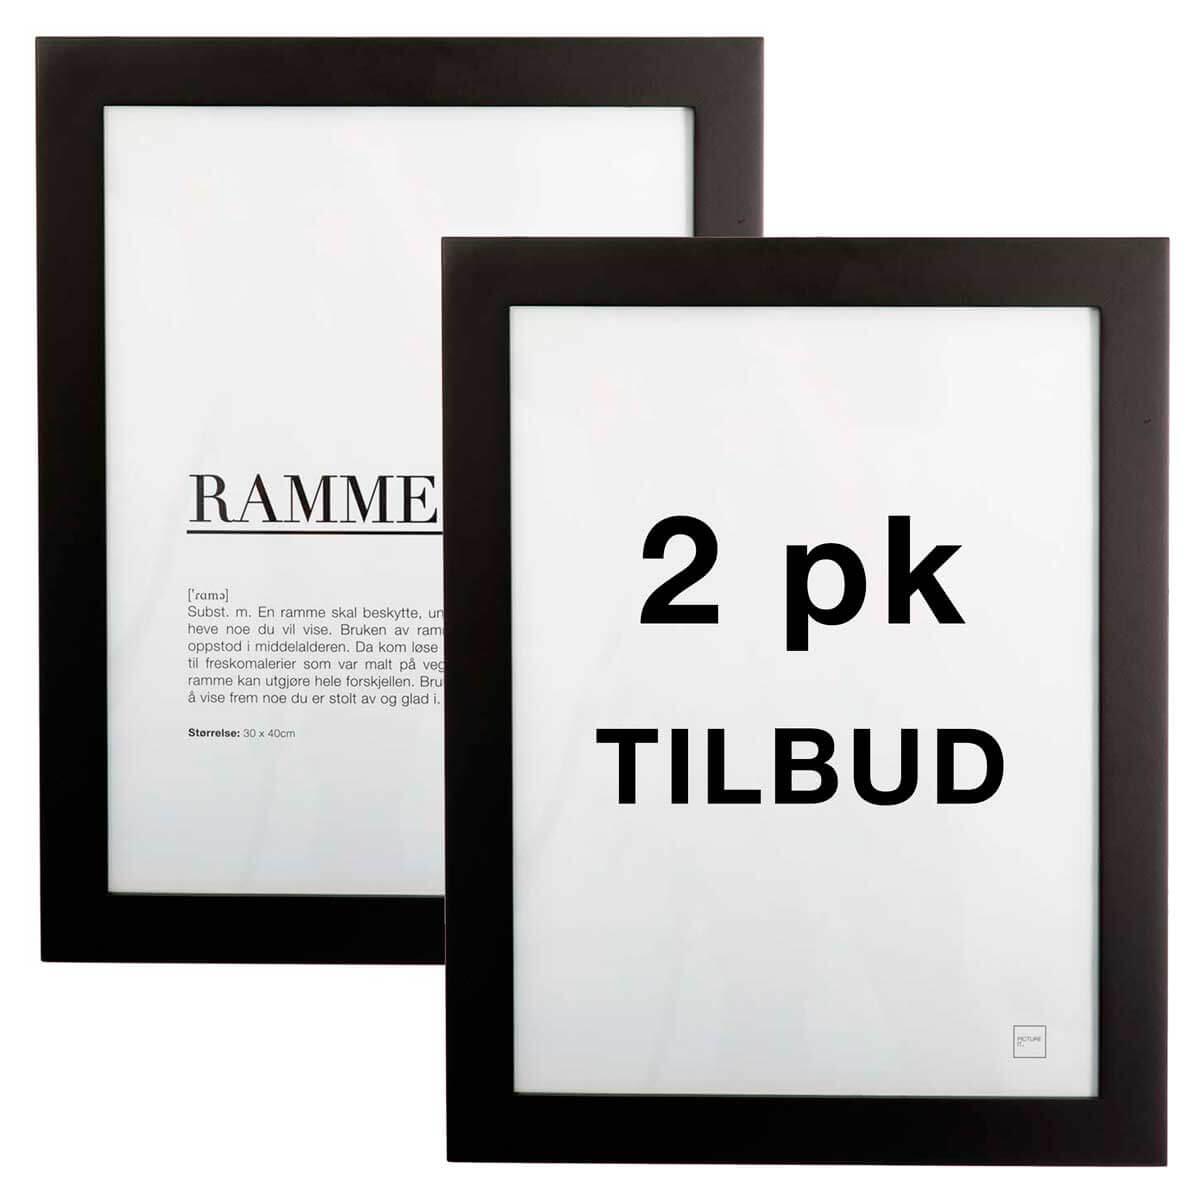 2pk rammer - TILBUD